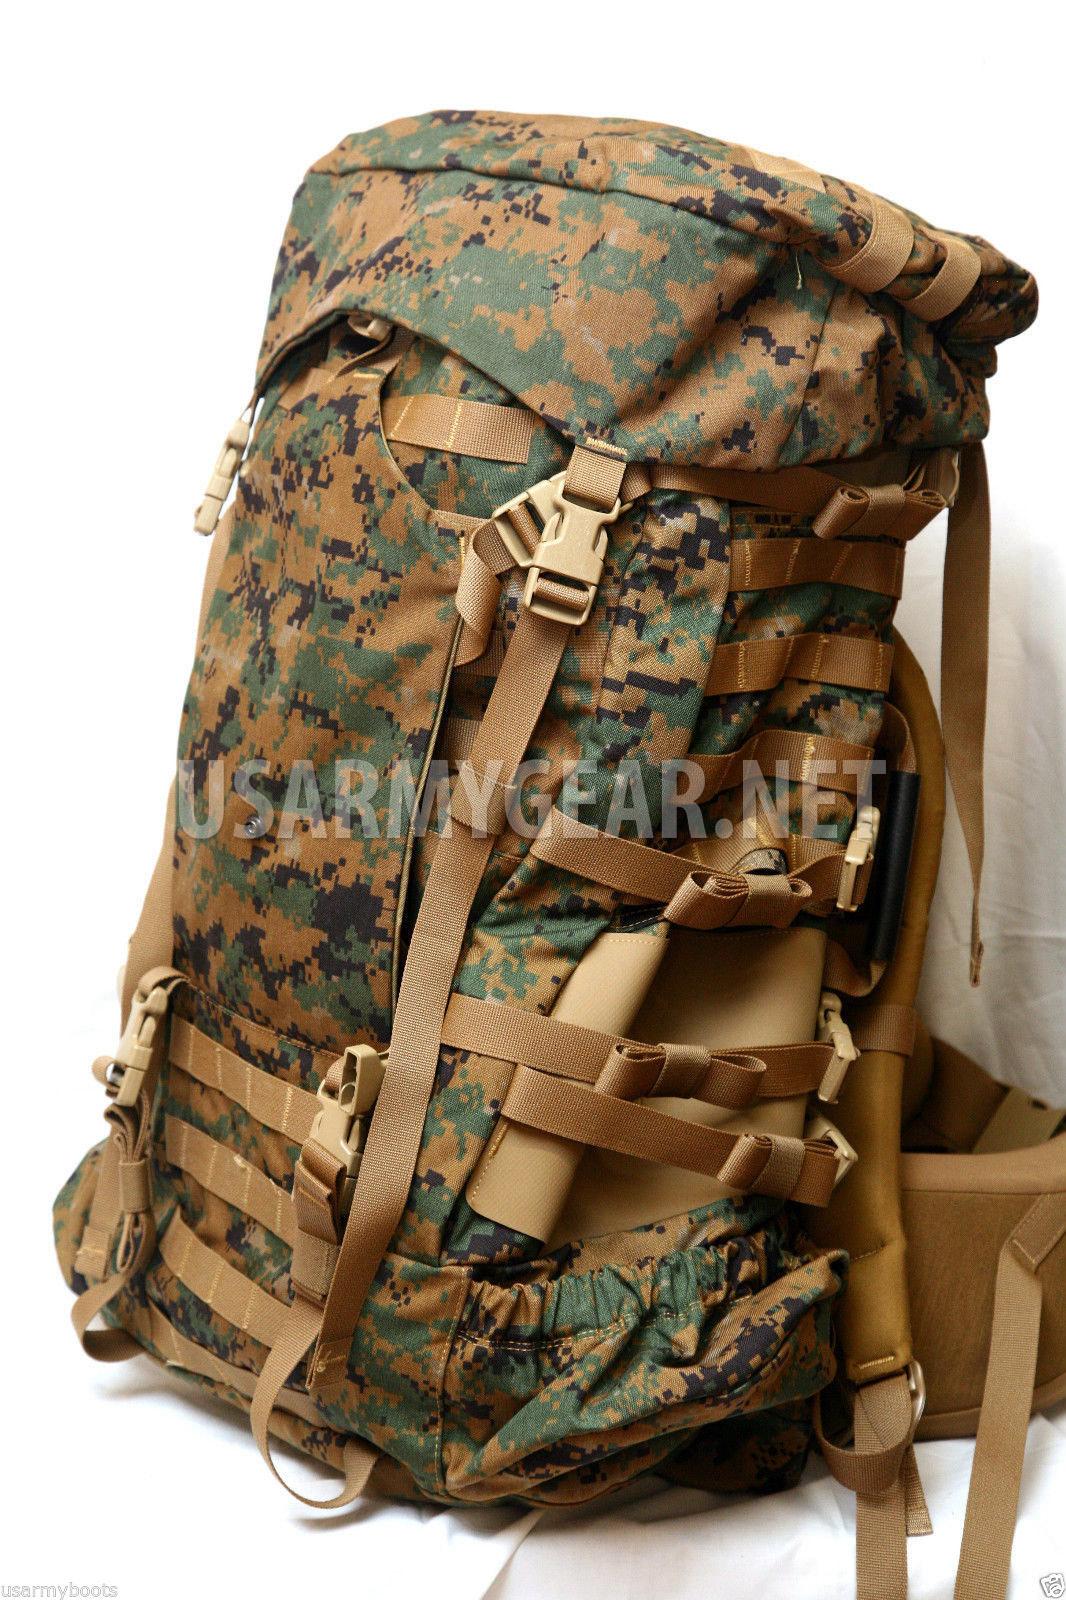 usmc gen 2 complete ilbe back pack rucksack system set assault rh usarmygear net USMC ILBE Hydration Pack USMC ILBE Pack